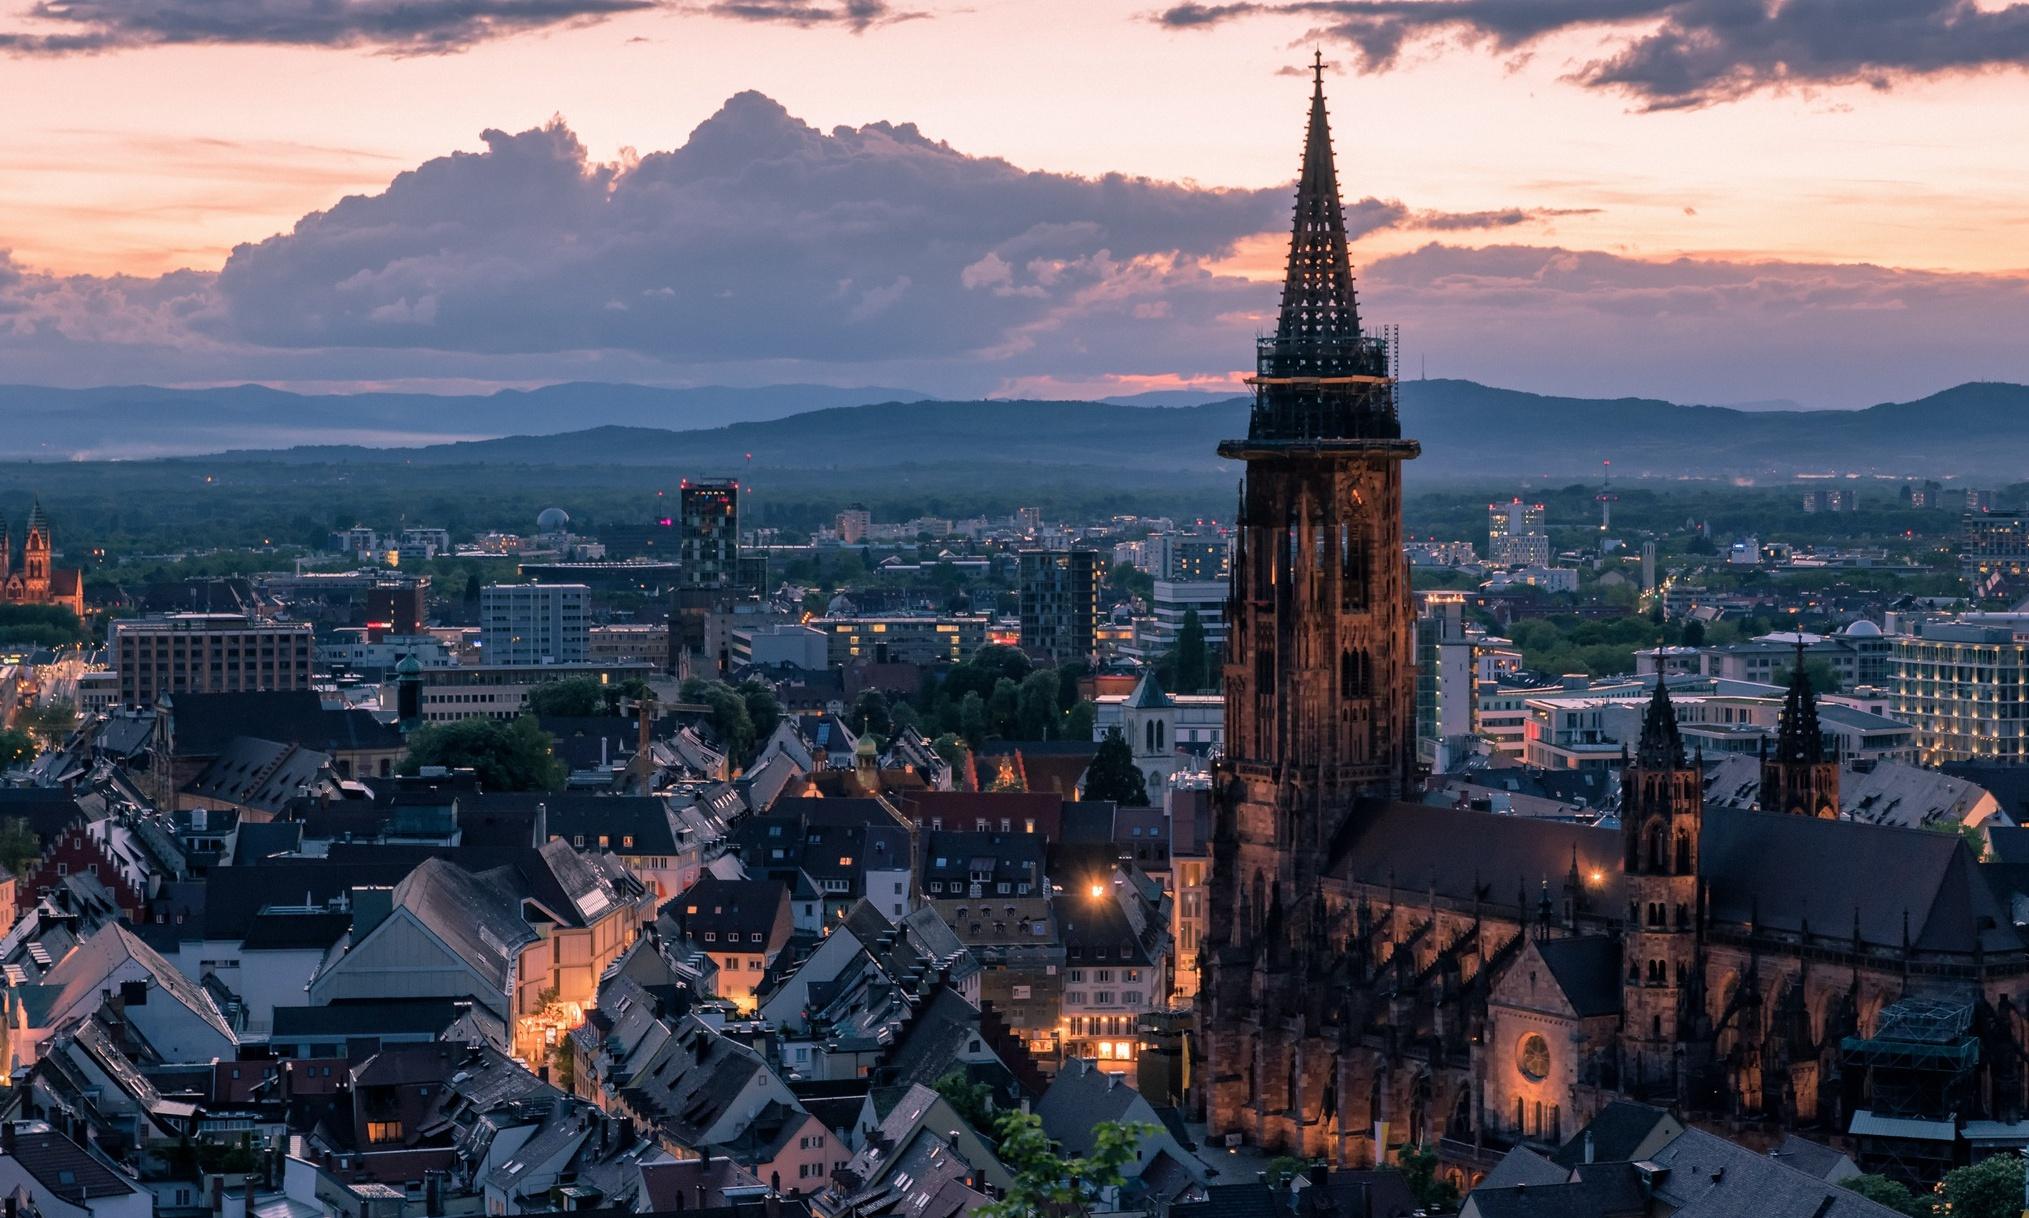 Haushaltsauflösung und Entrümpelung in Freiburg